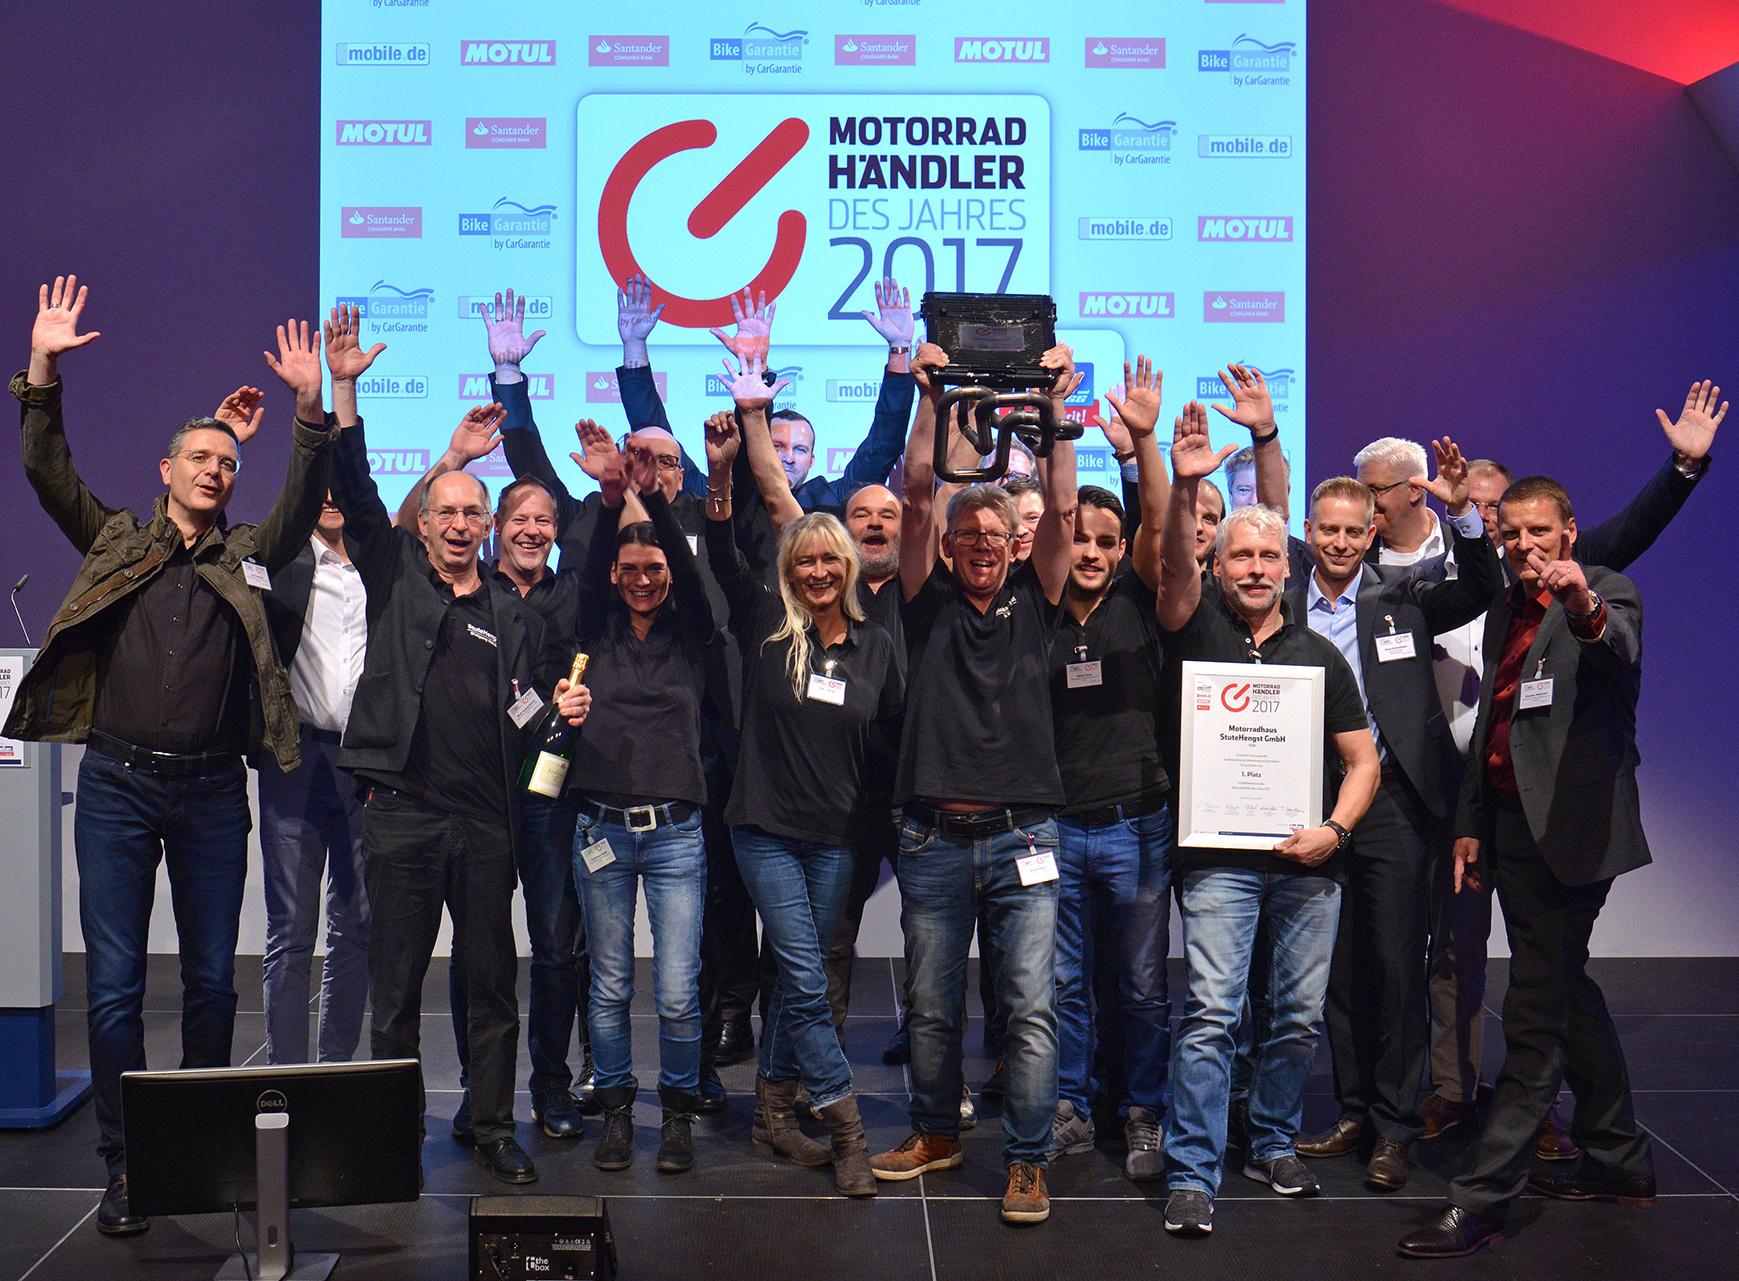 Motorradhändler des Jahres Gewinner 2017